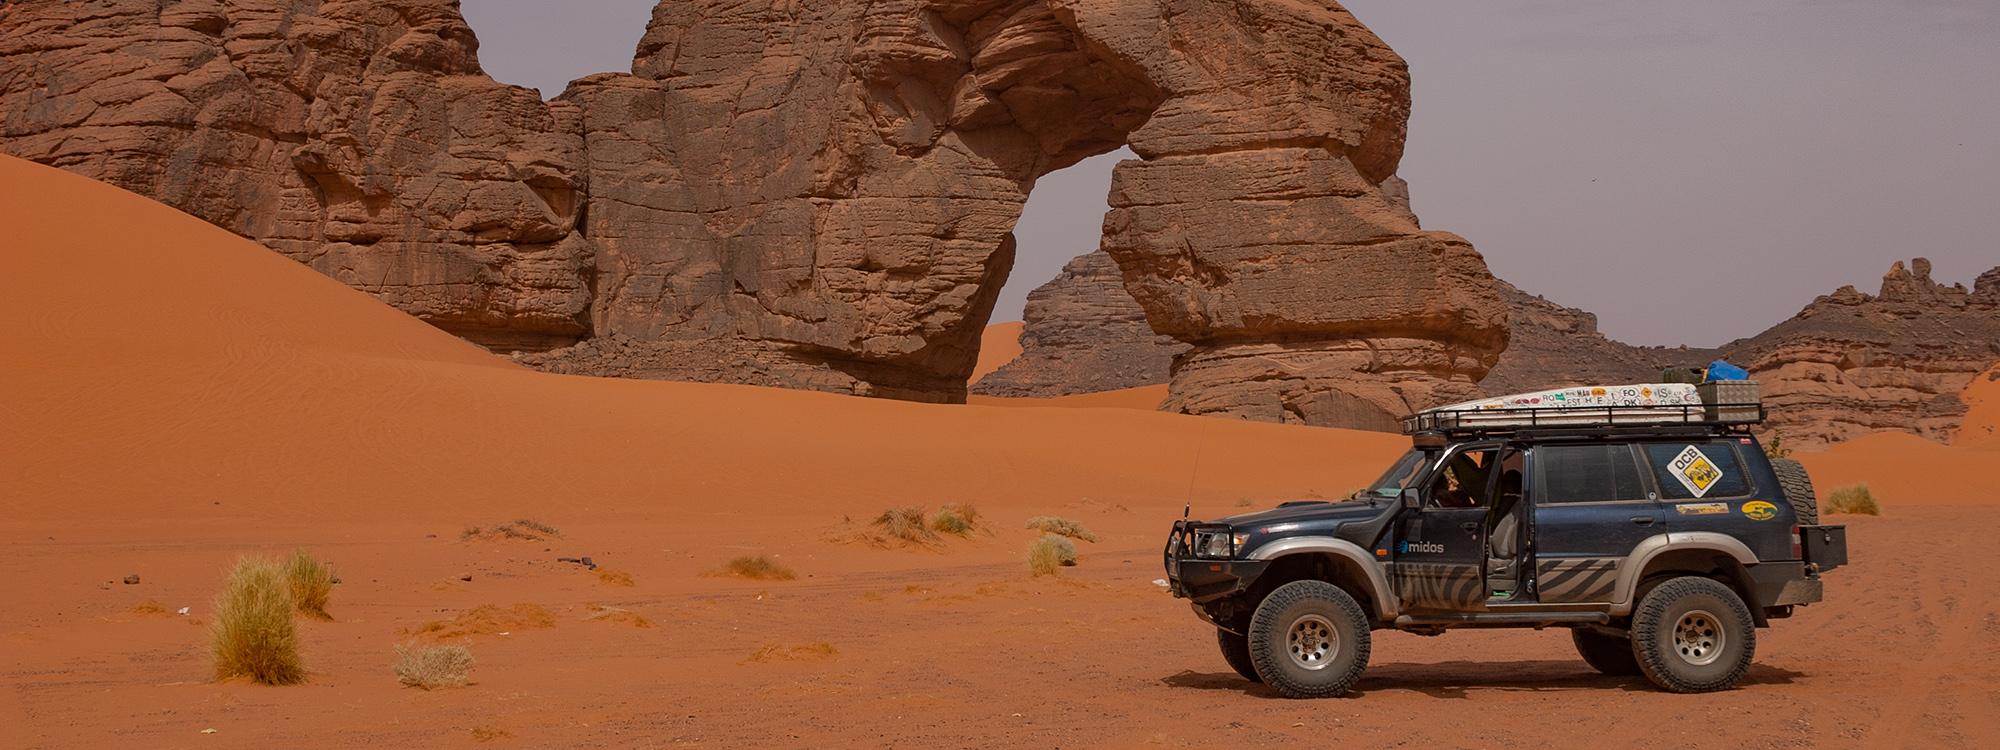 Libya, Libyan Desert